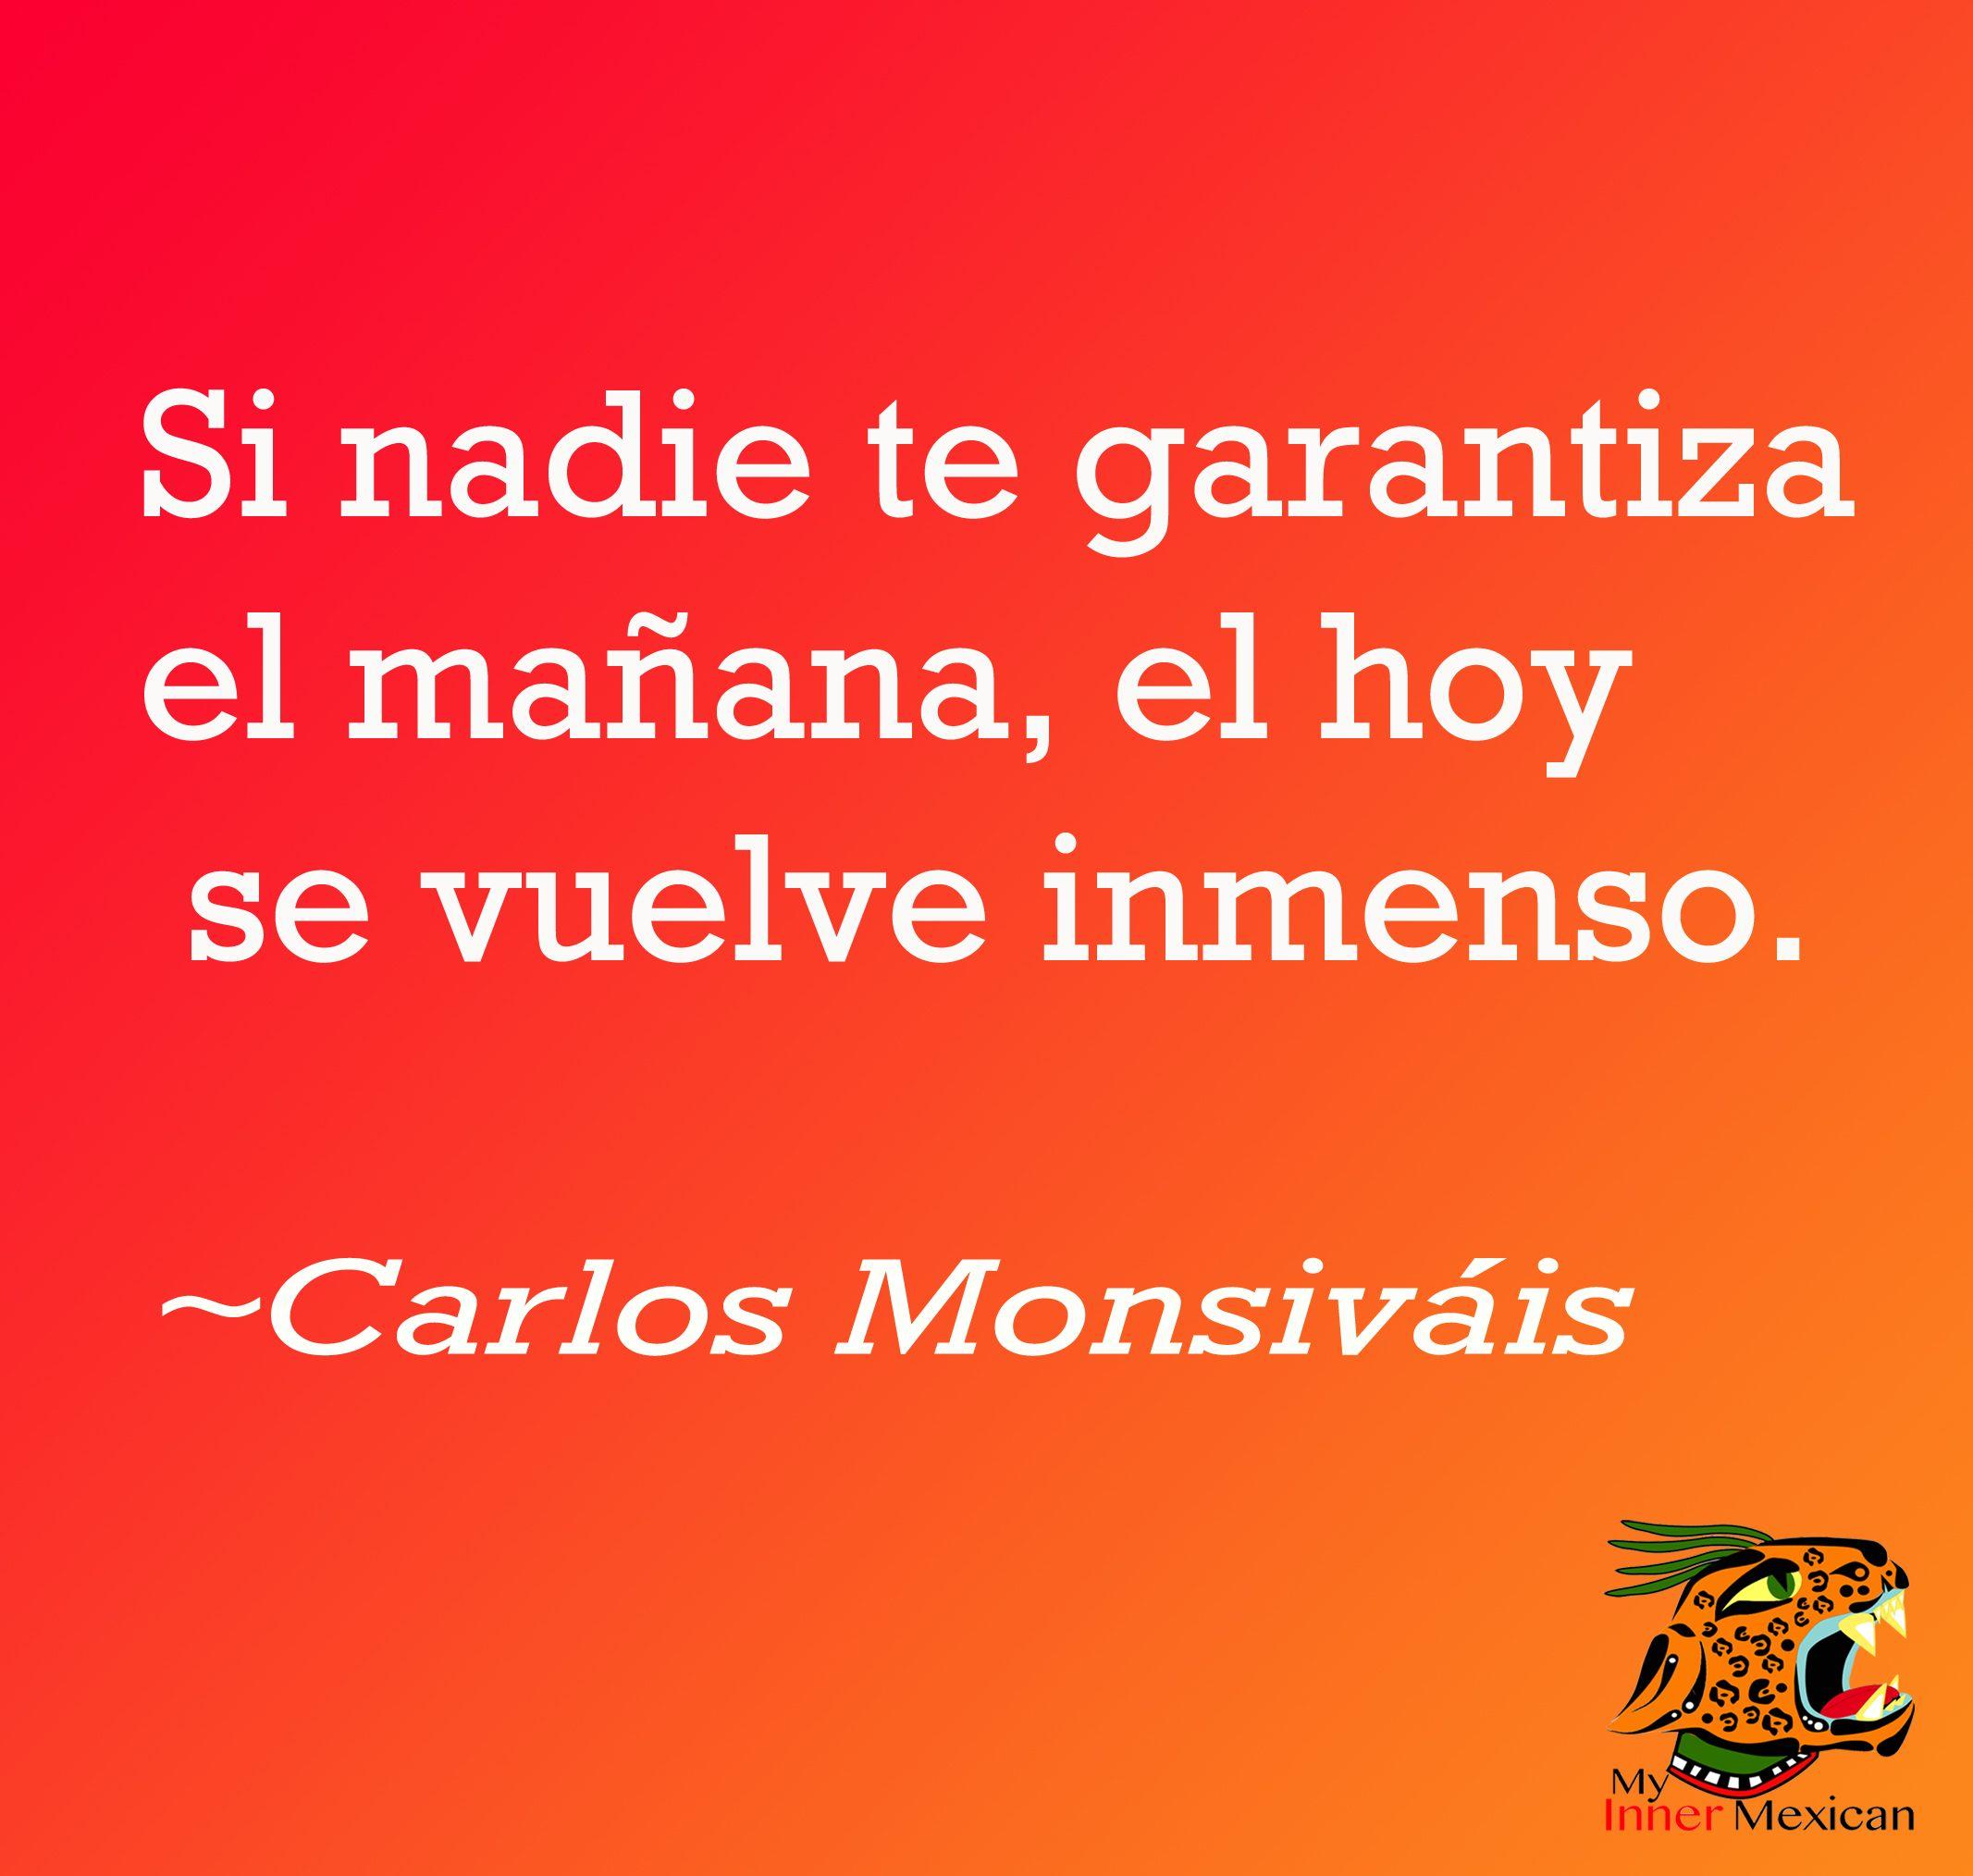 Enamorarse hoy en da es canjear la credulidad amorosa por la impunidad emocional Autoayºdate que dios te autoayudará Carlos Monsiváis